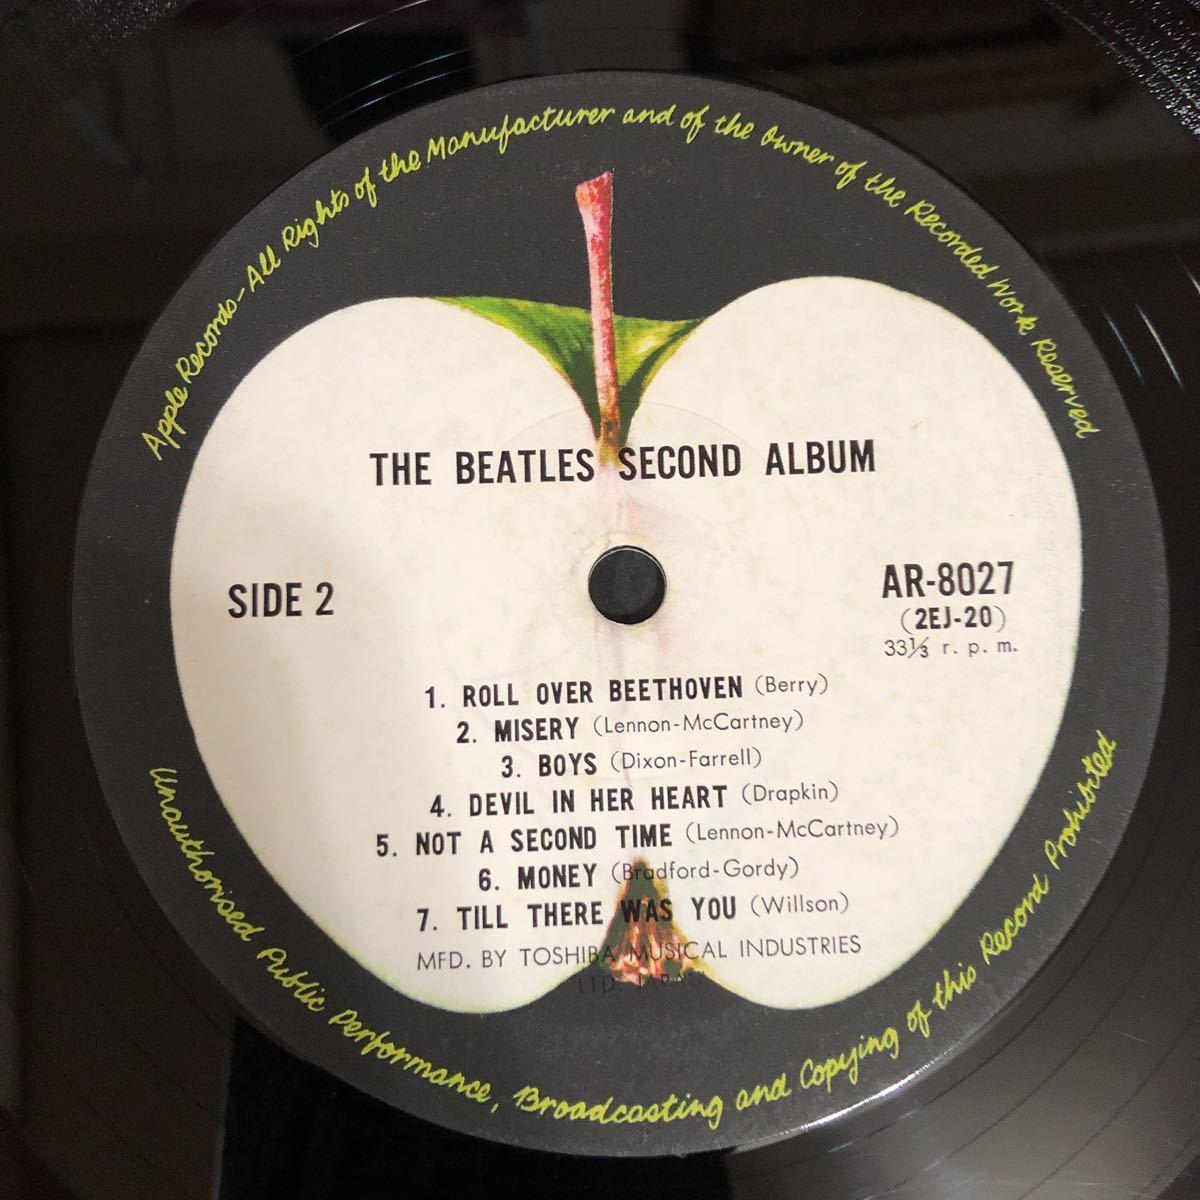 LPレコード★洋楽★THE BEATLES ★ビートルズNO.2!★SECOND ALBUM ★レコード多数出品中  紙ジャケ_画像7